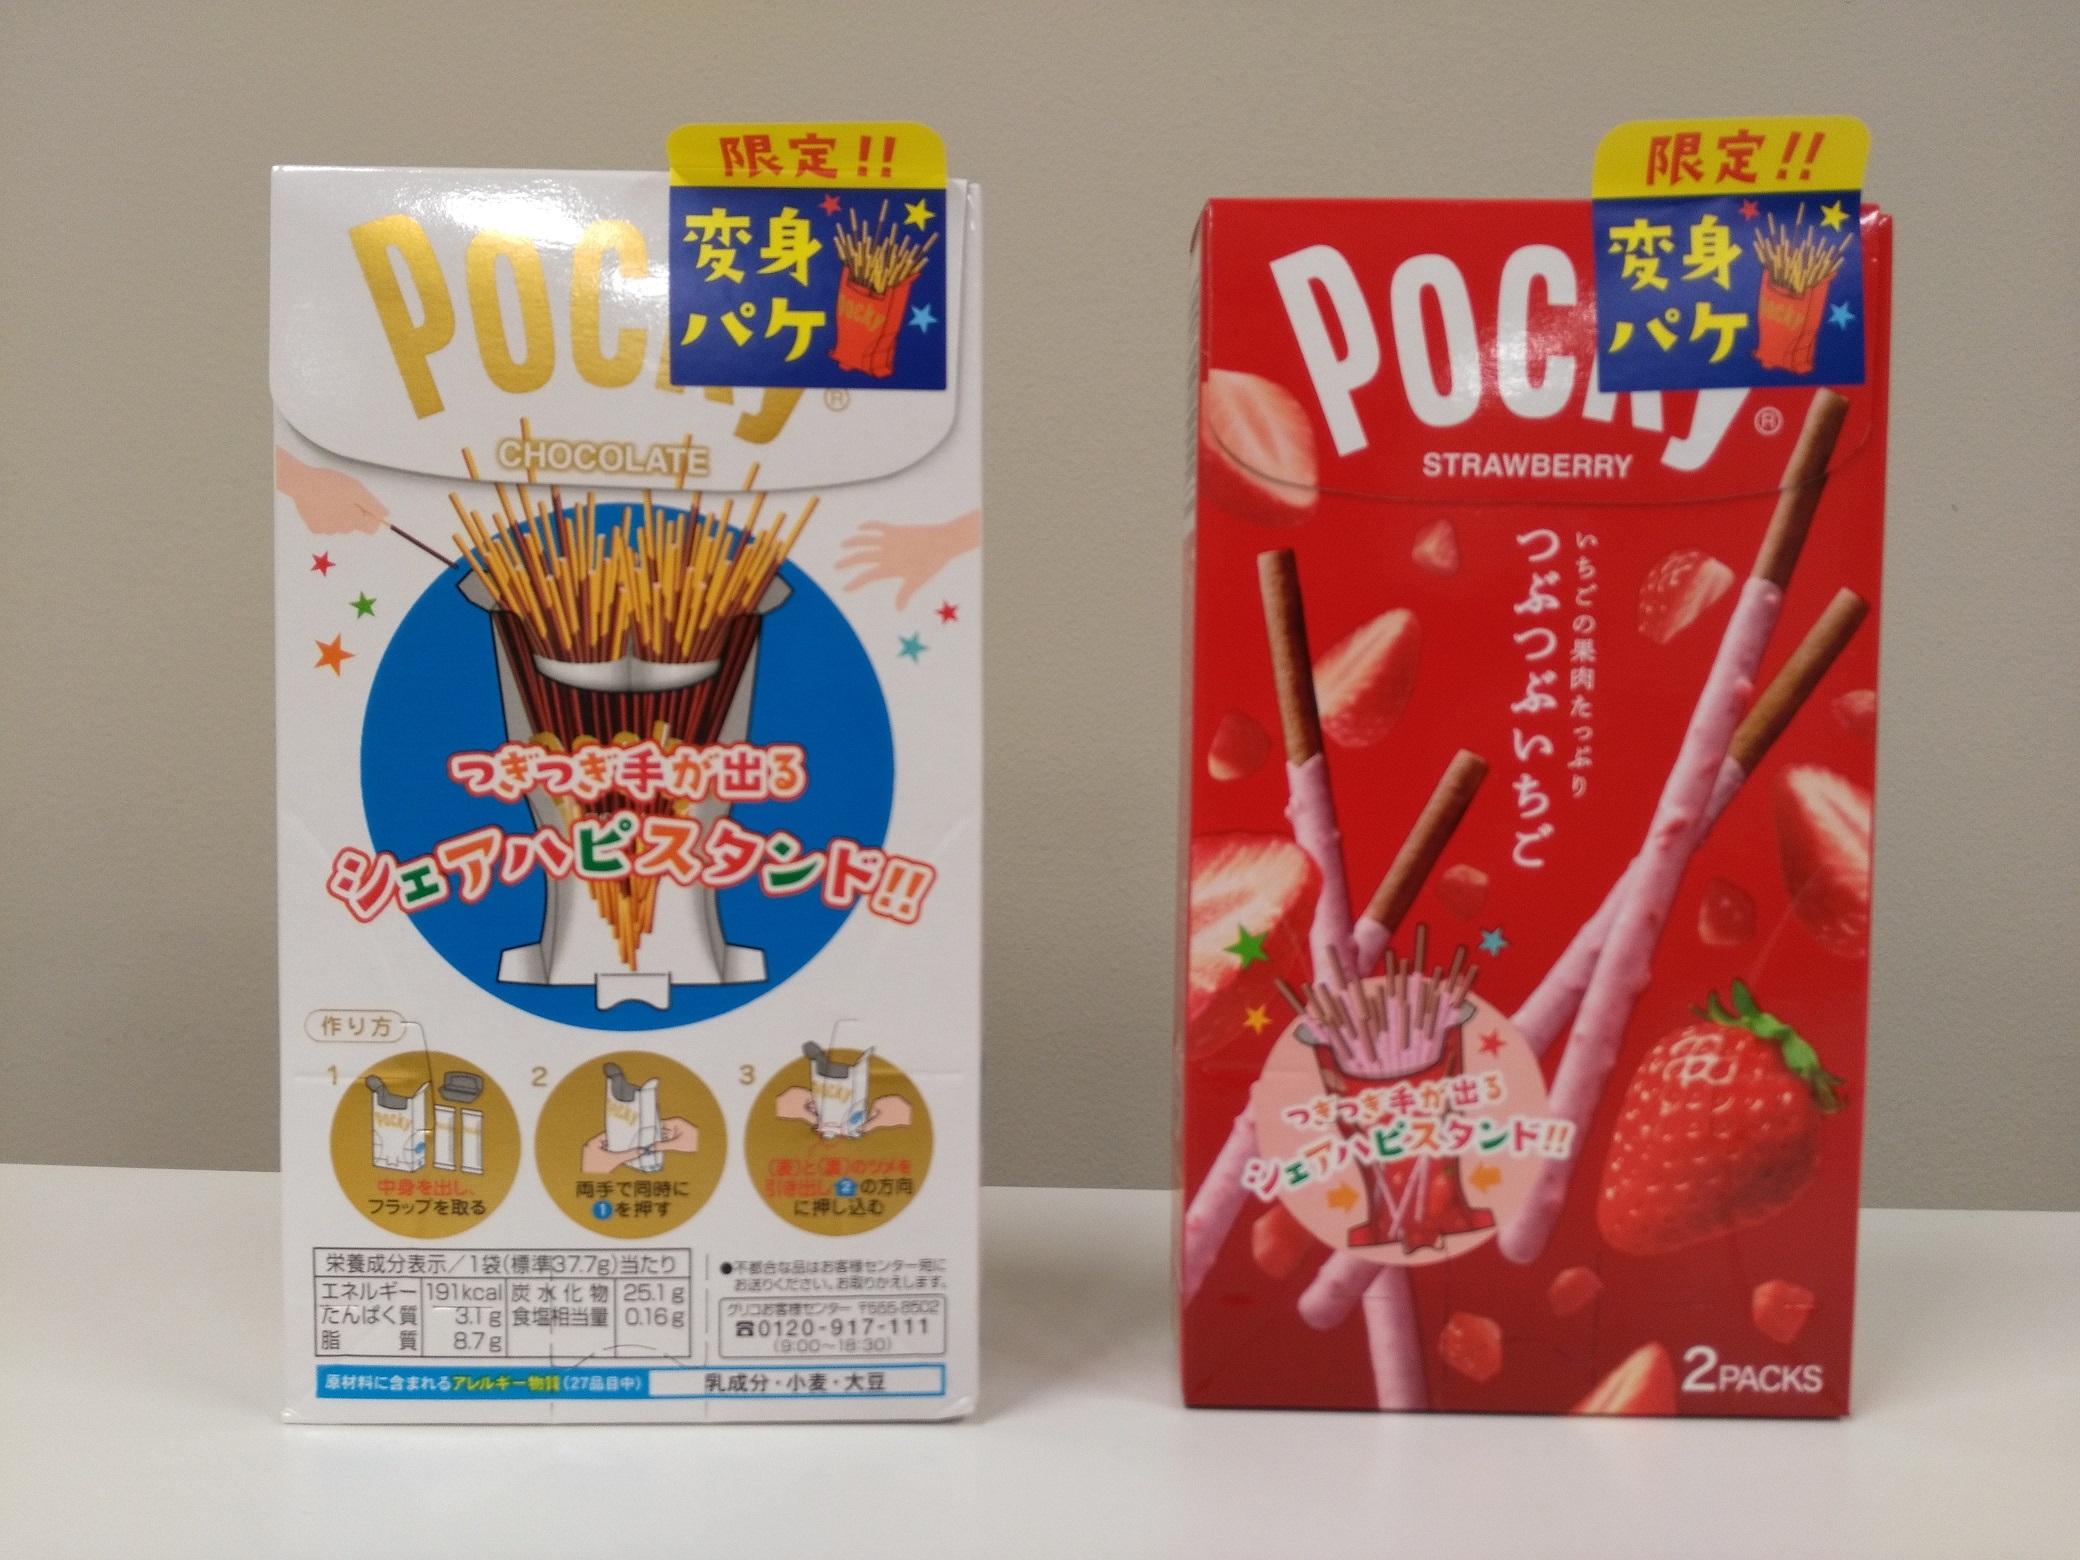 販売促進とパッケージデザイン事例『シェアによる楽しみ方を提案するパッケージアイディア』